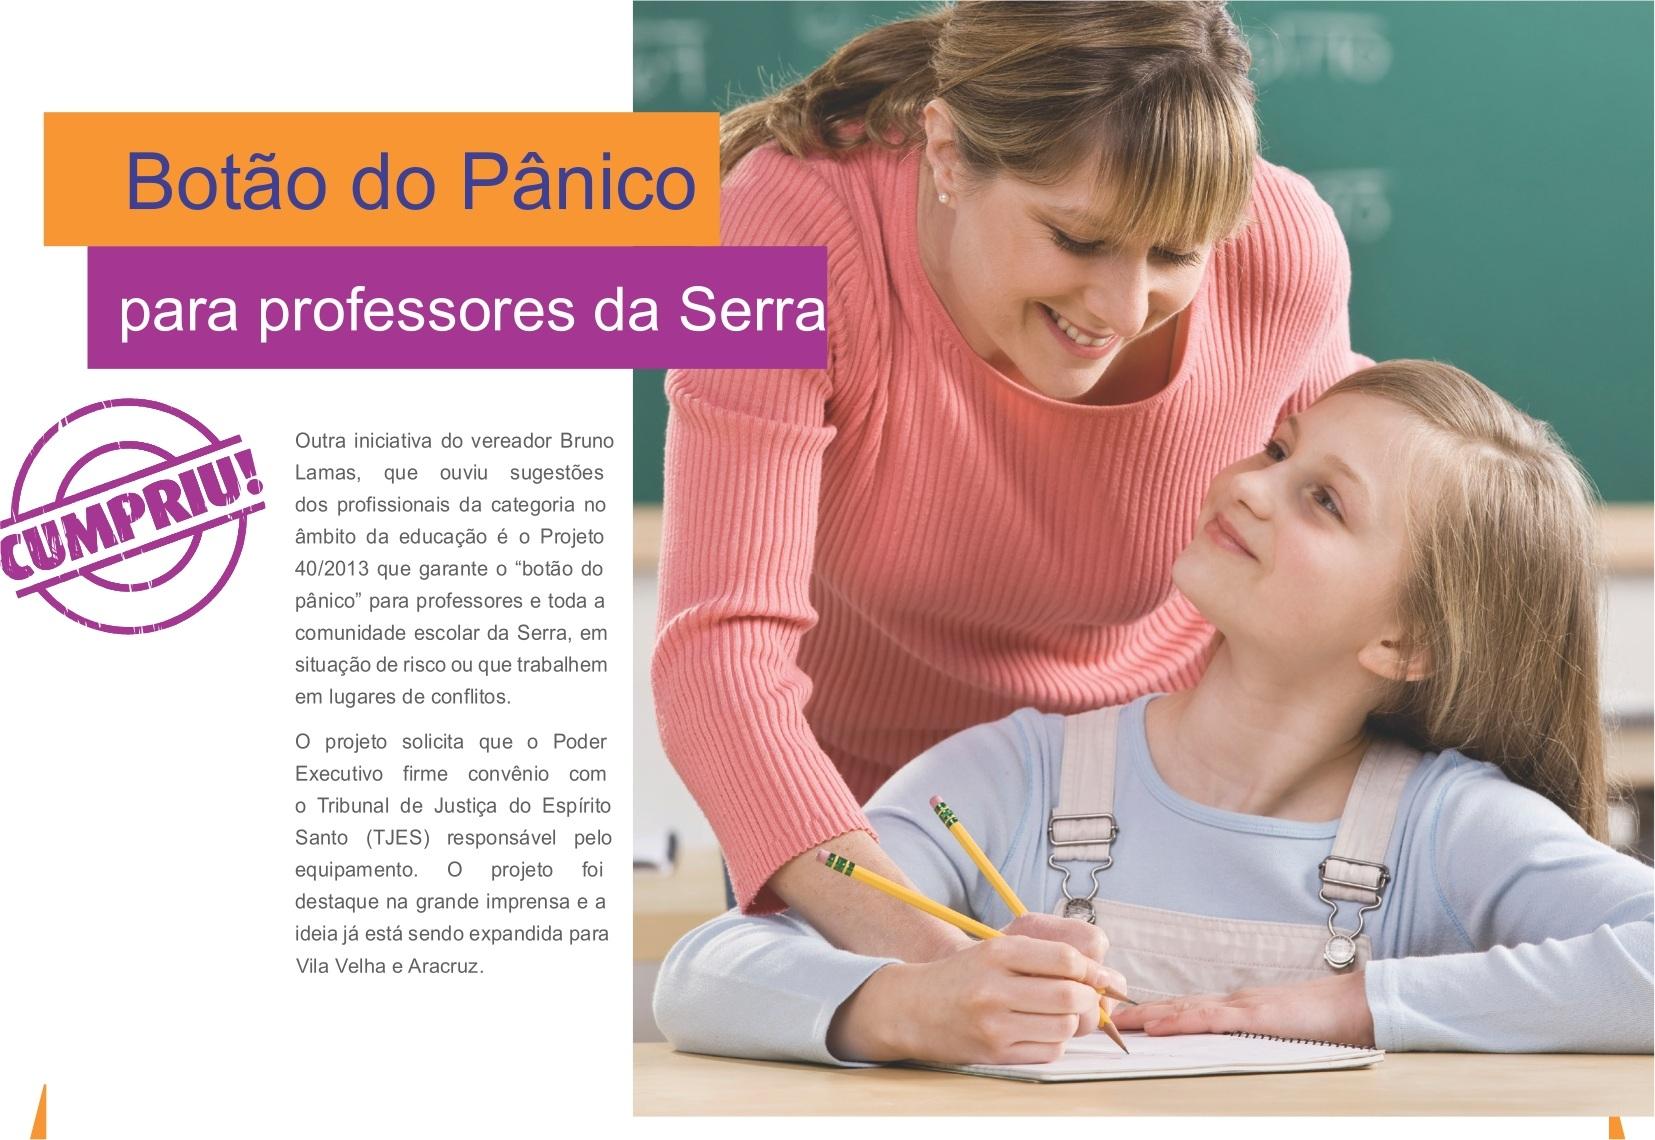 Botão do Pânico para professores